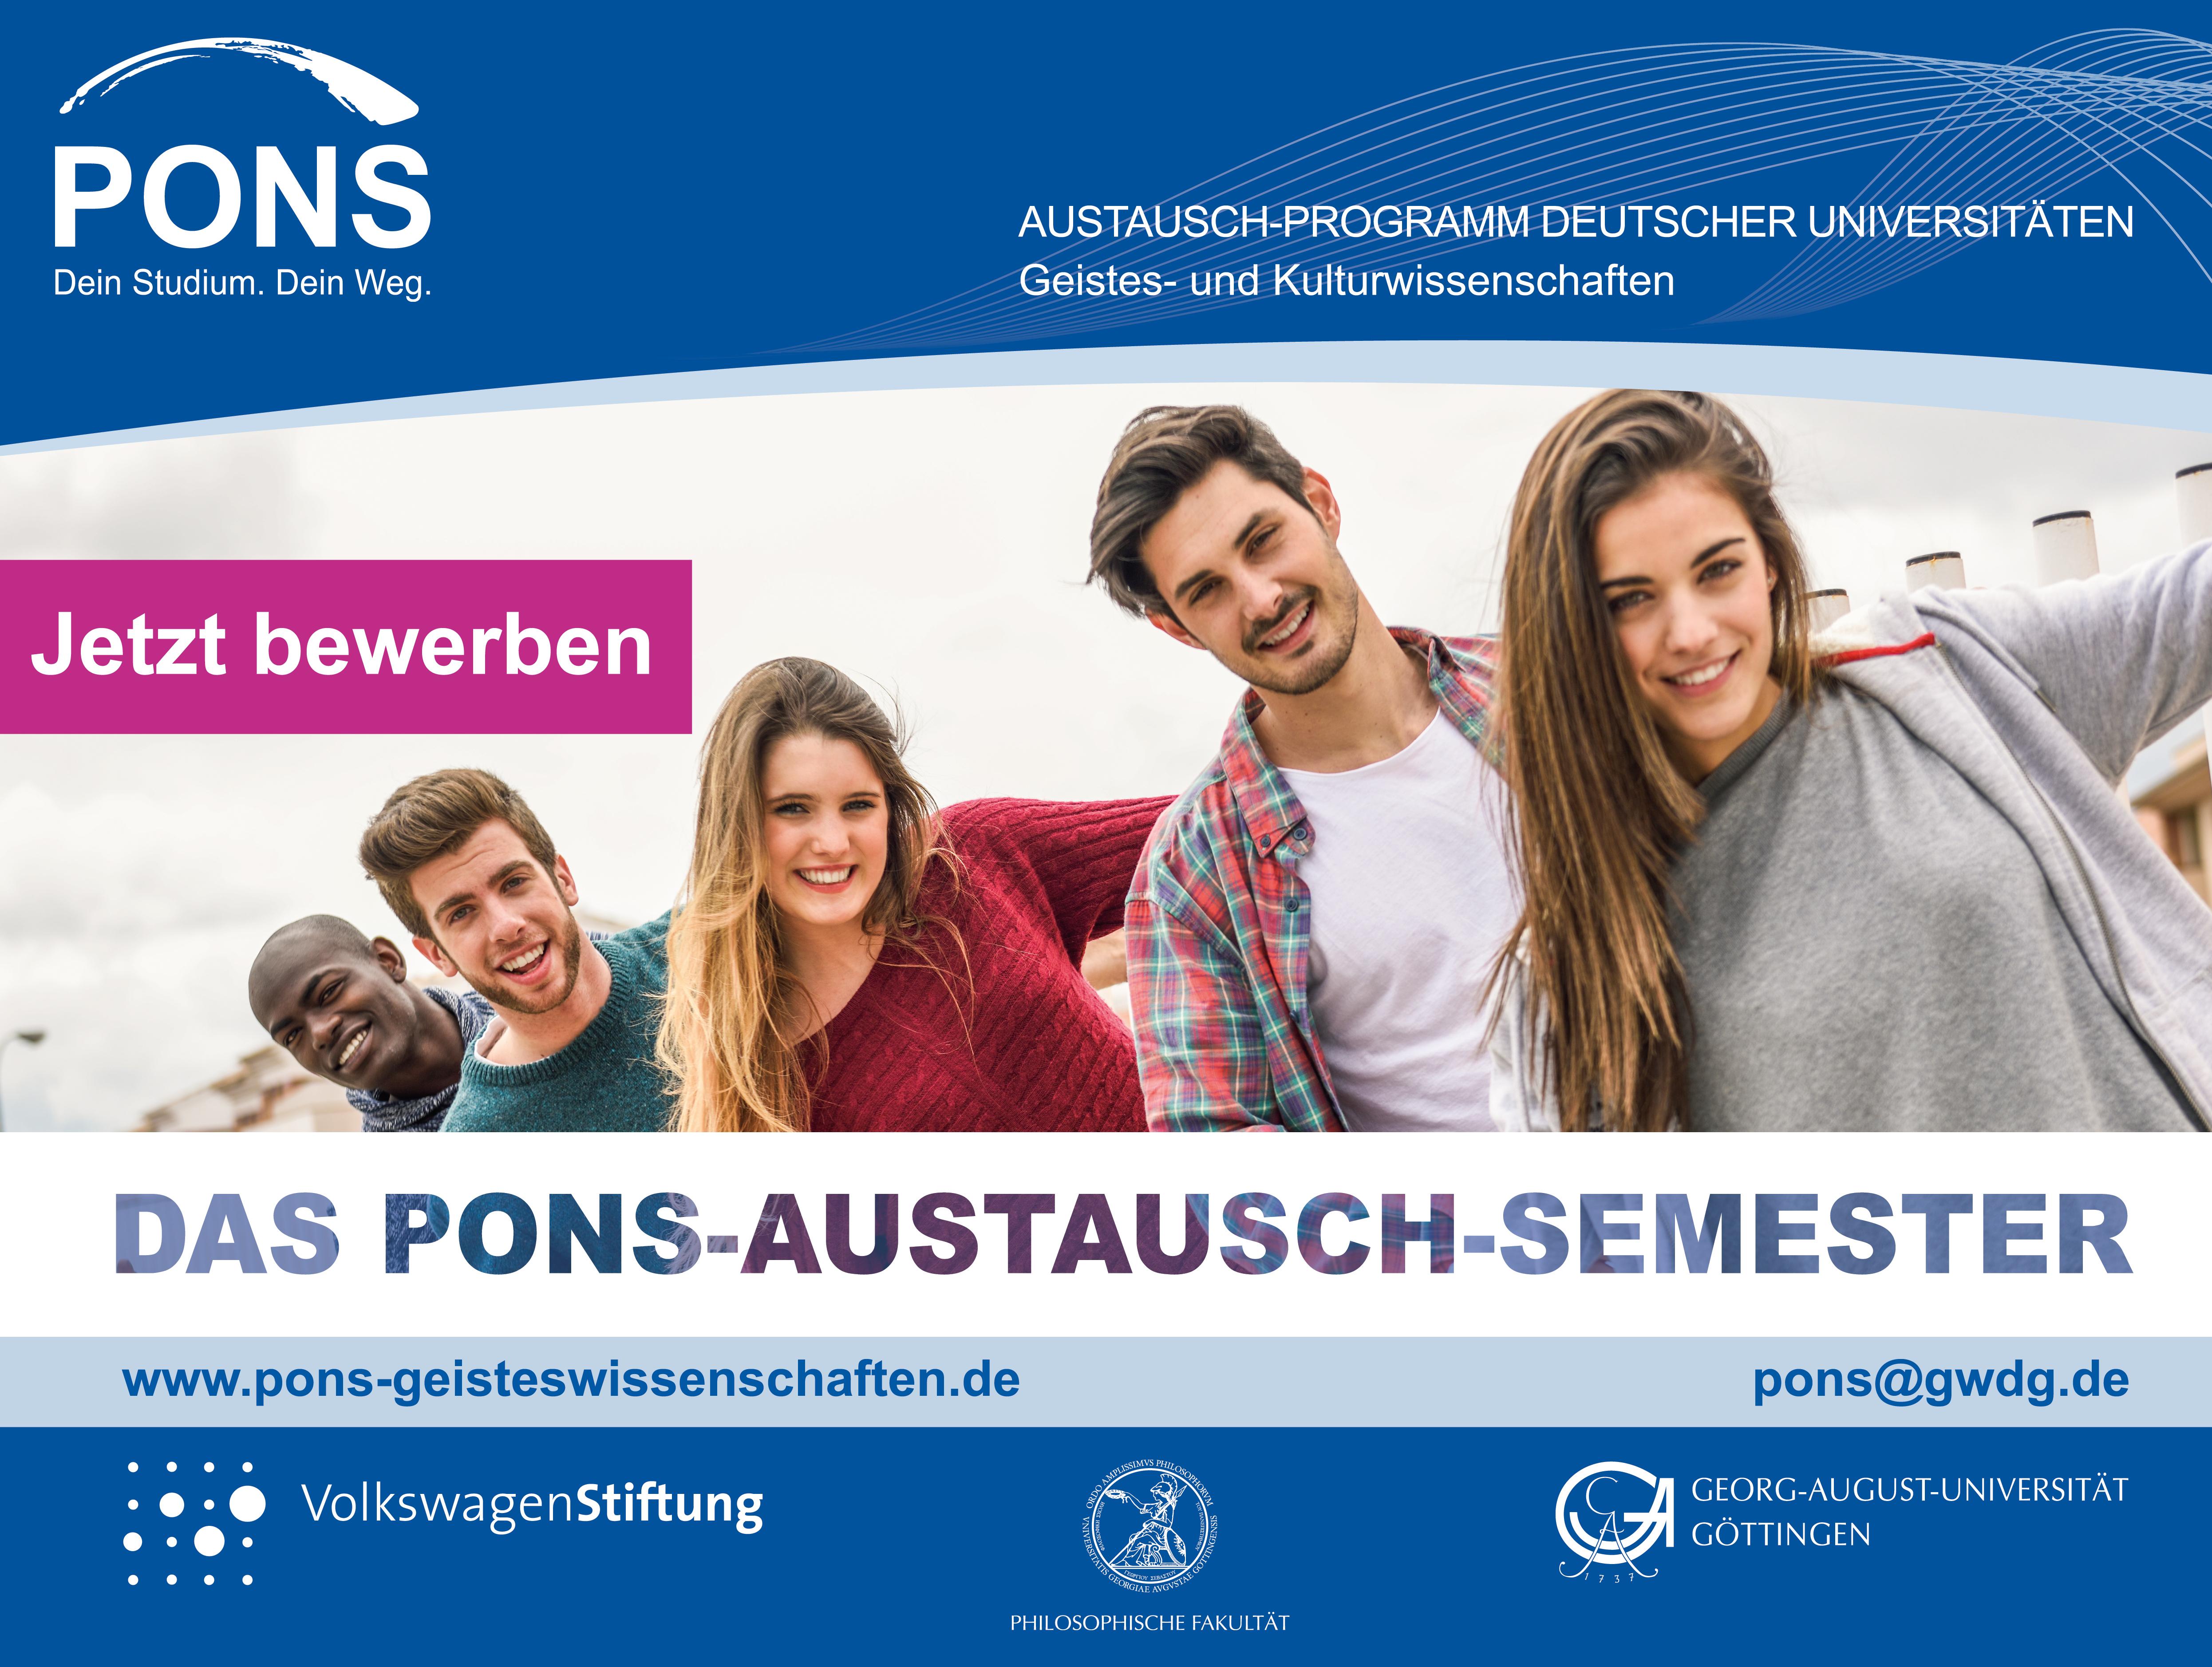 srp_pons bewerbung - Uni Gottingen Bewerbung